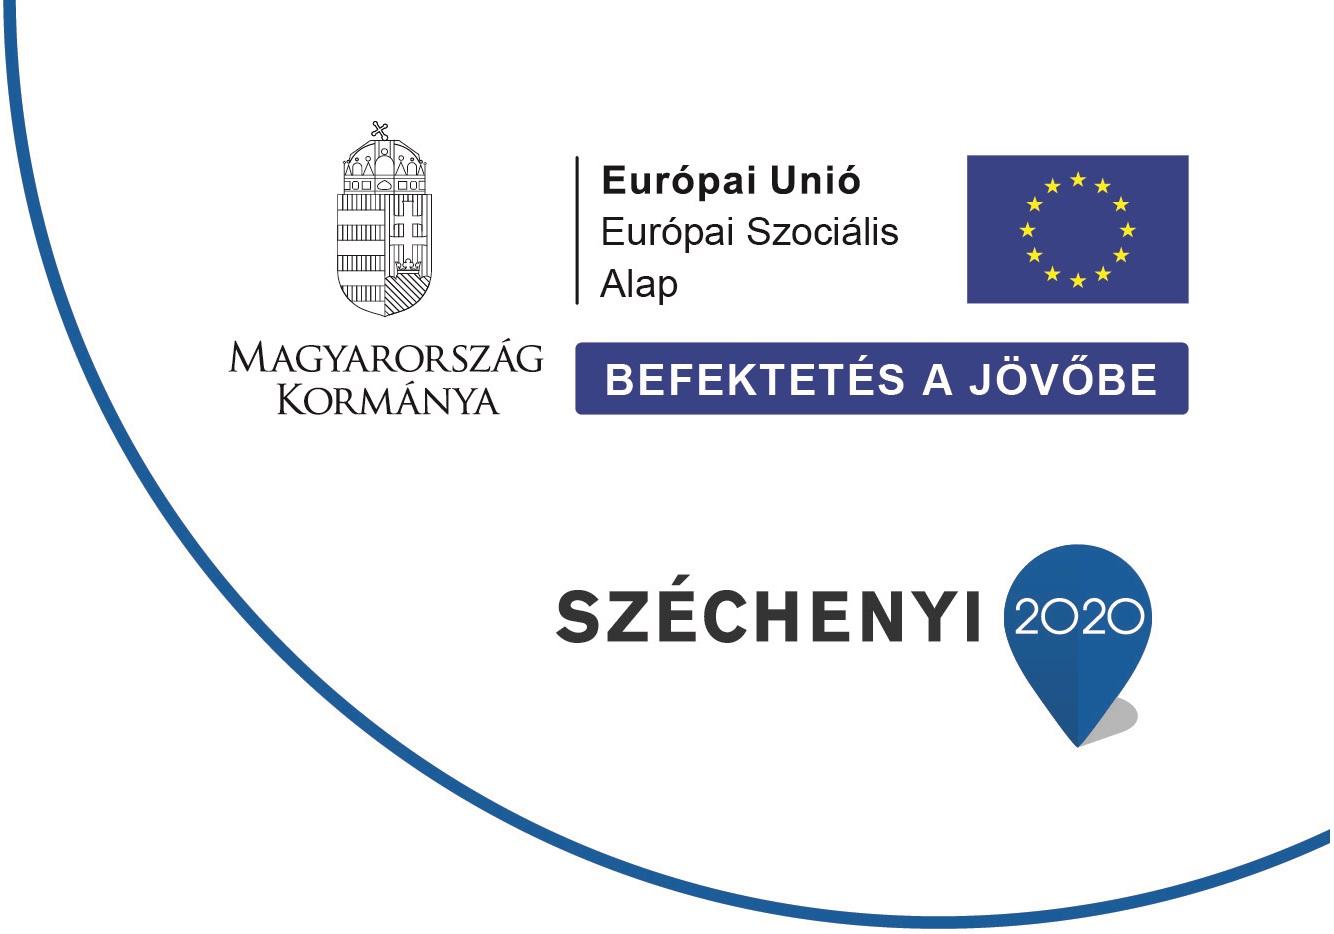 A képen a kötelező infoblokk látható az alábbi feliratokkal: Magyarország kormánya, Európai Unió Európai Szociális alap, Széchenyi 2020